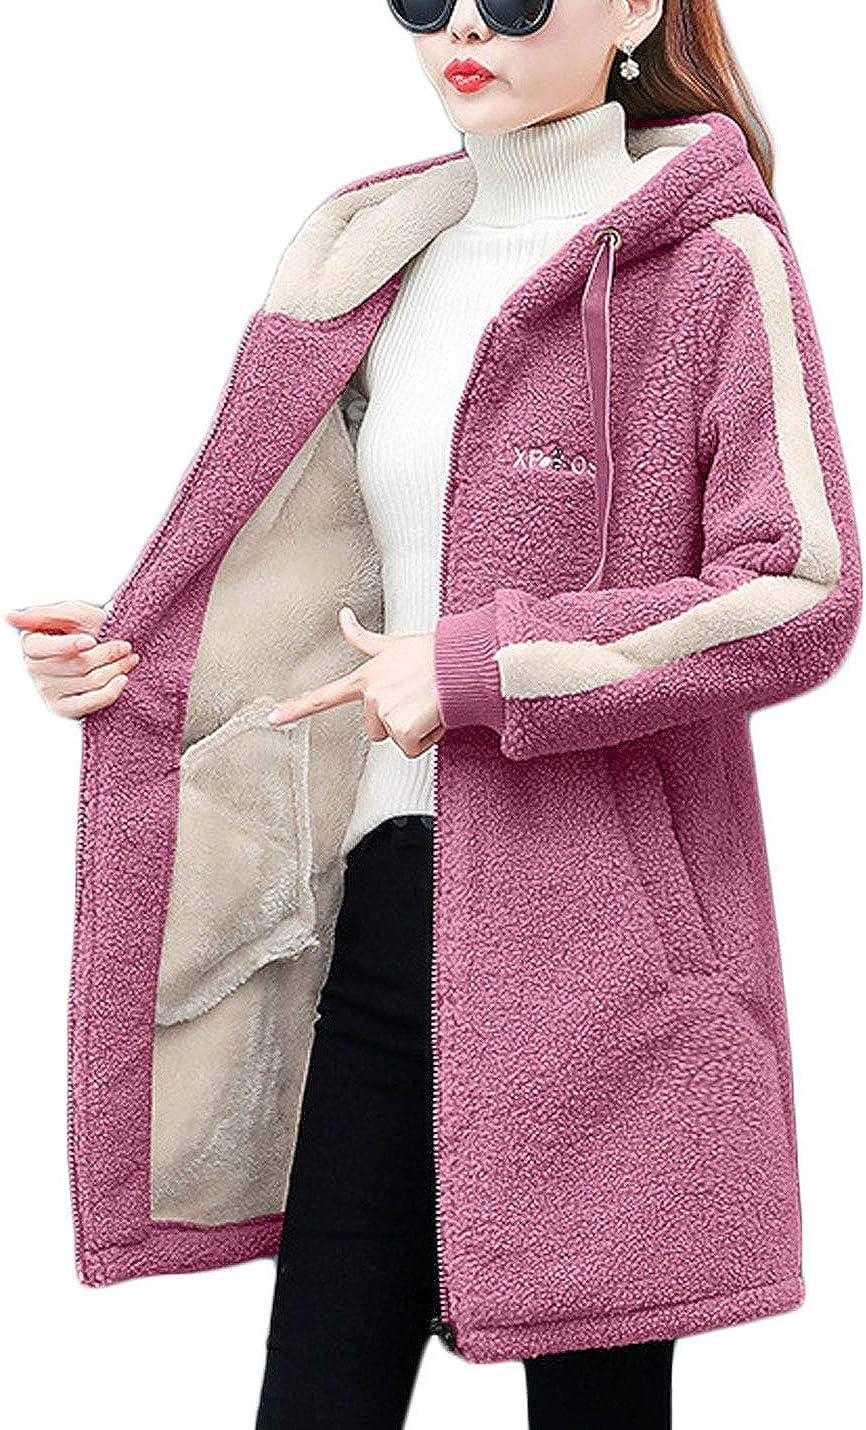 Jenkoon Womens Zip Up Faux Shearling Coat Fleece Lined Hooded Jacket